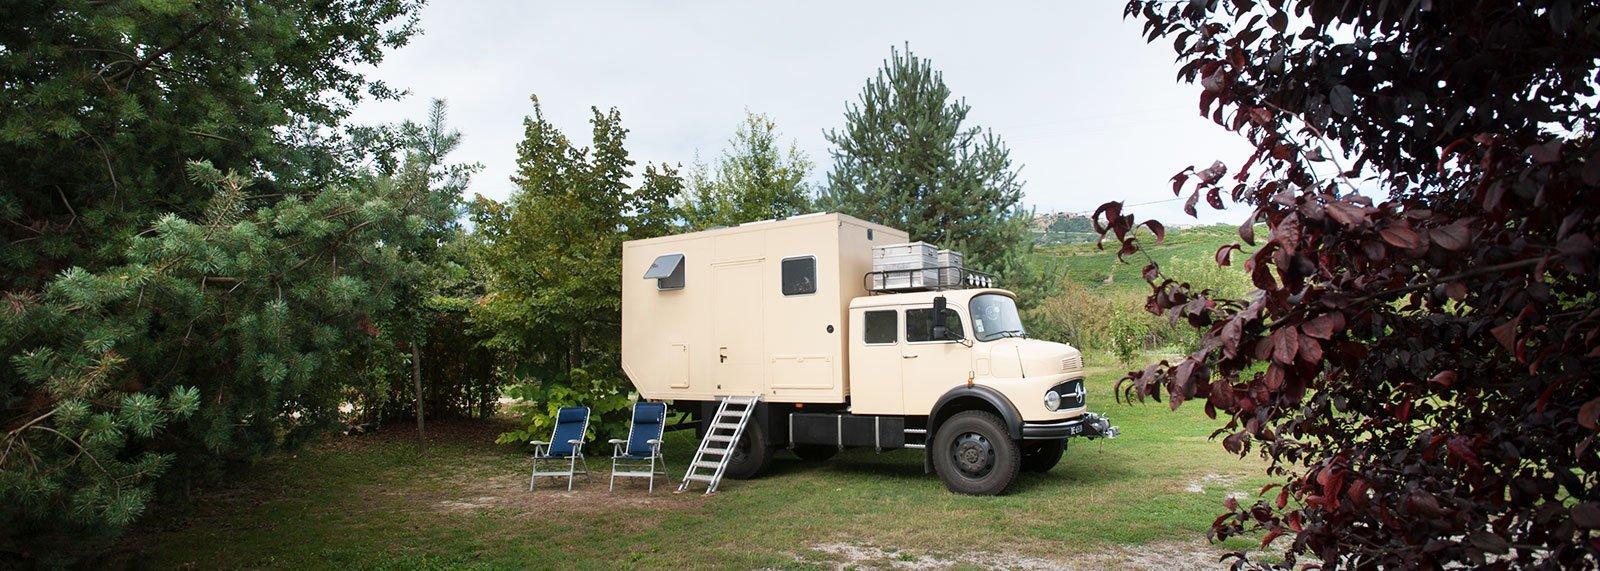 Servizi e prezzi Agri-camping La rosa nel borgo